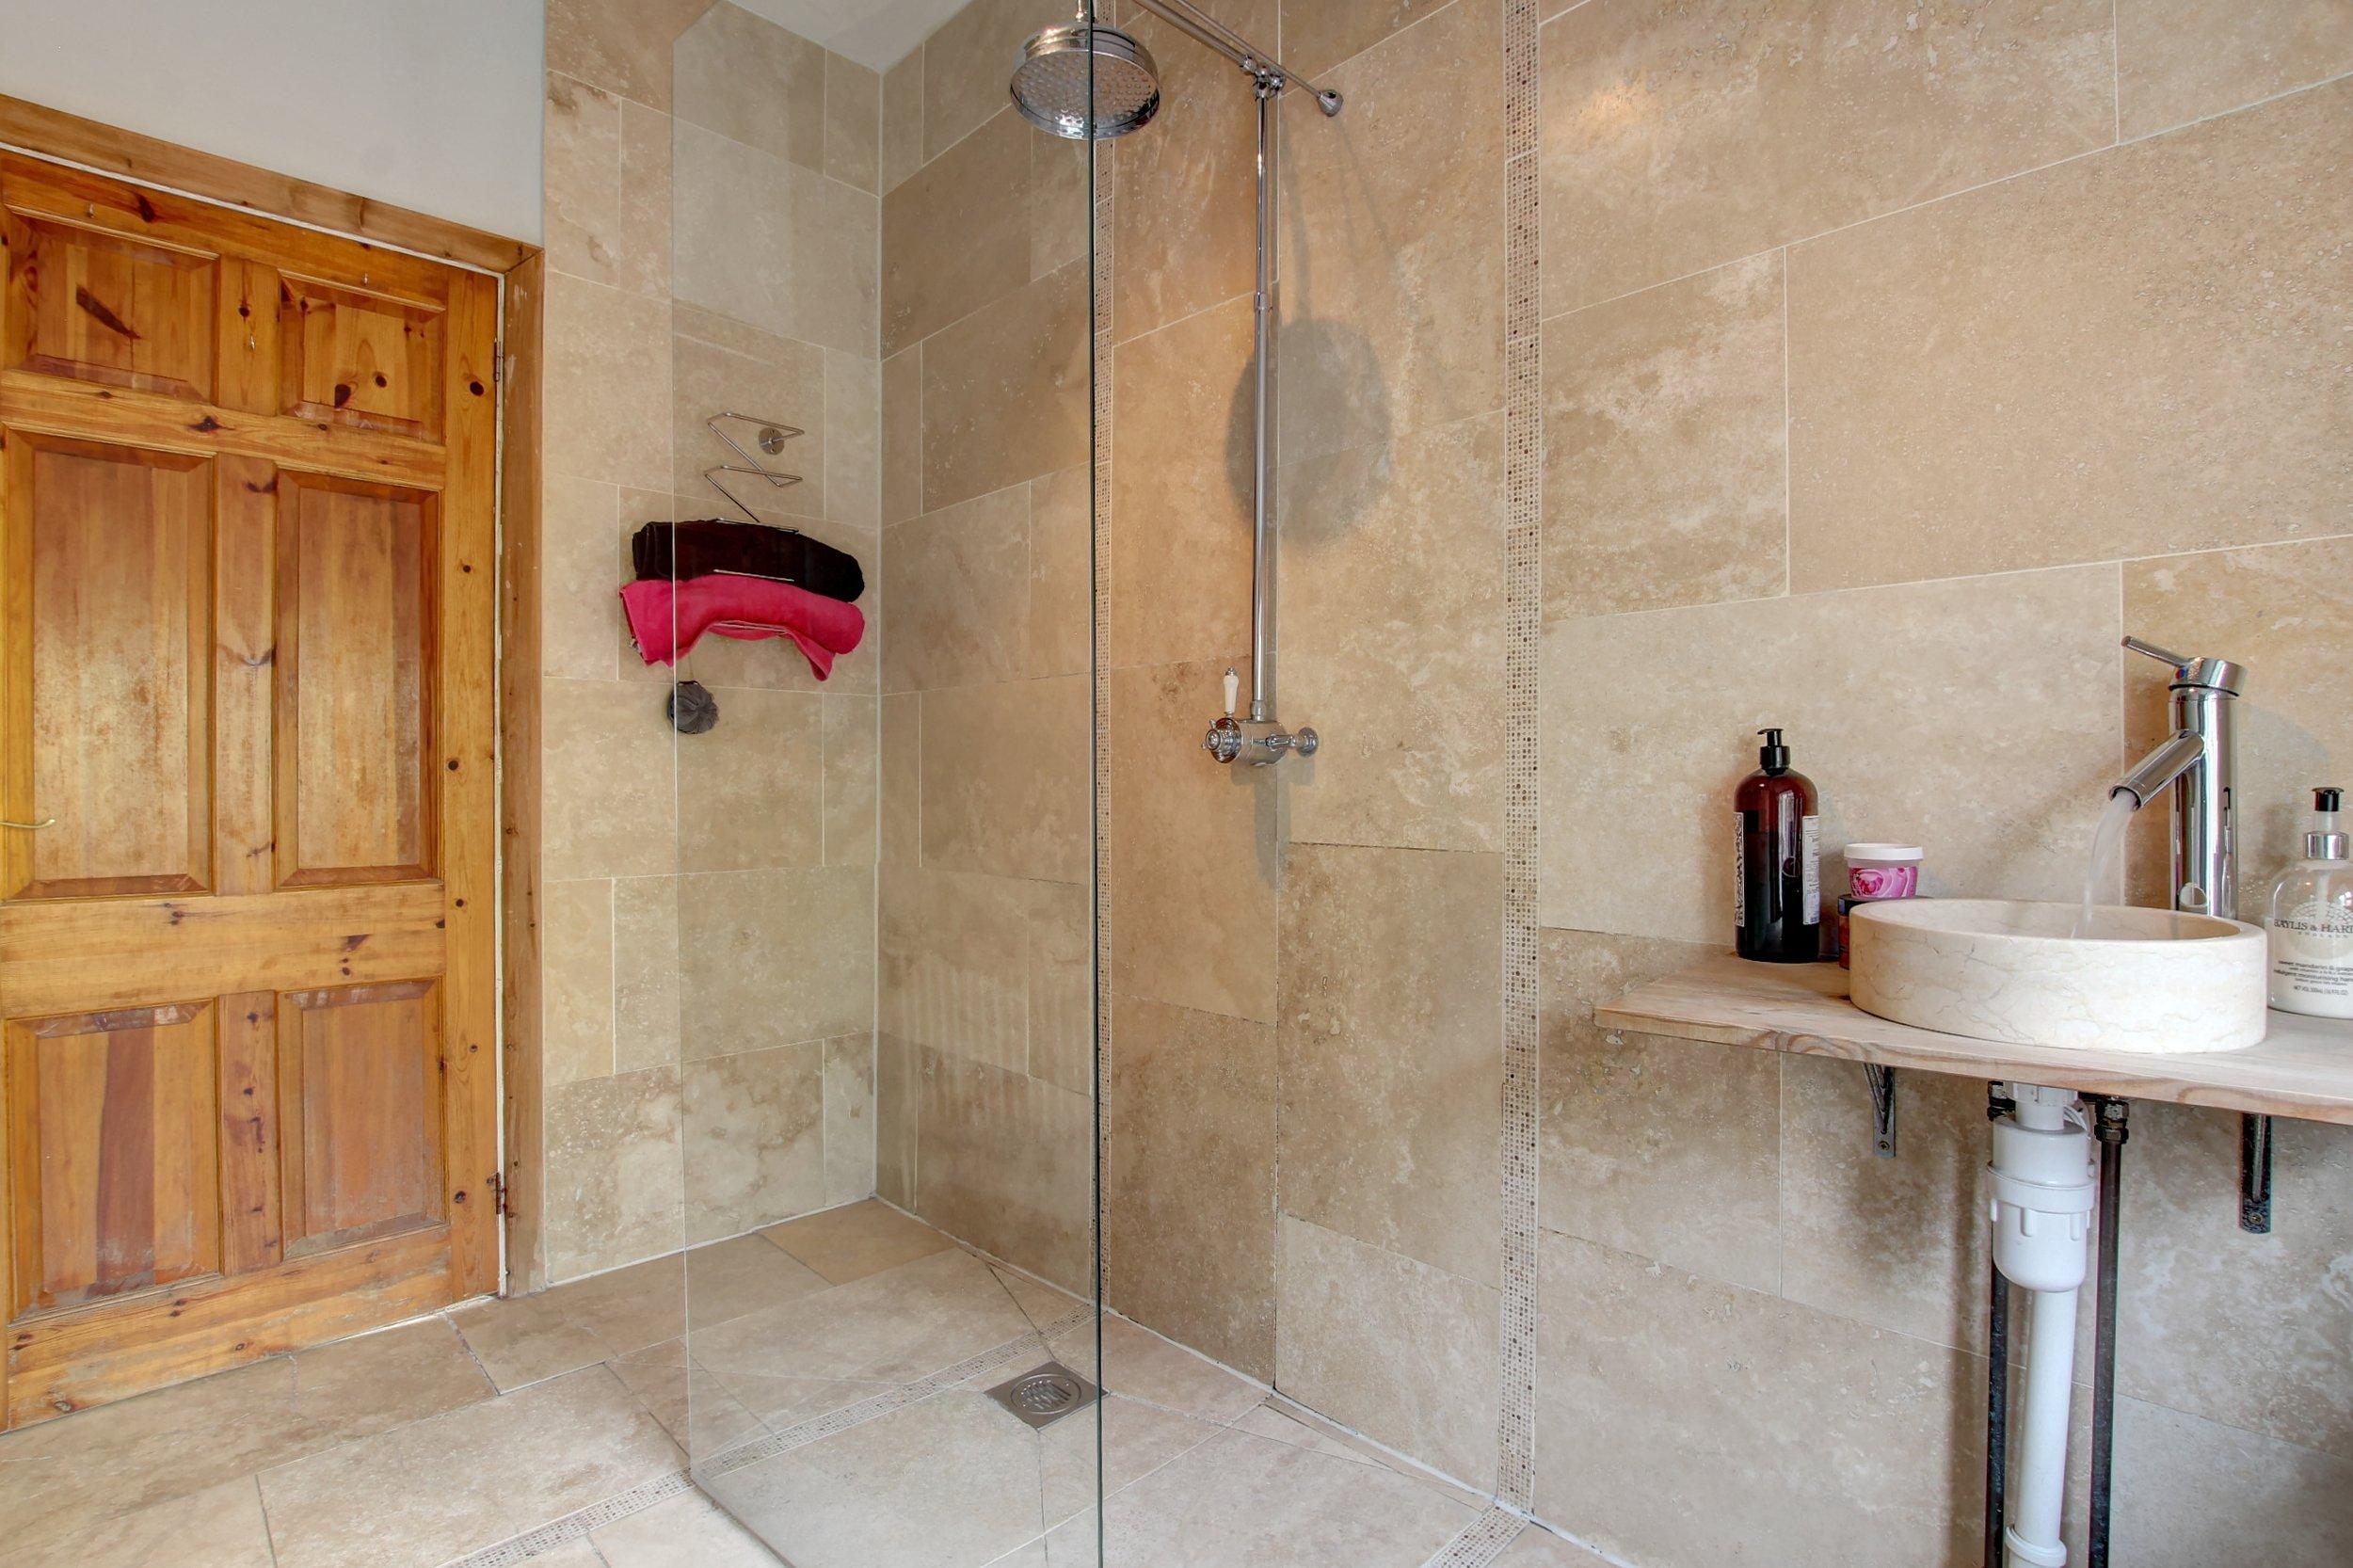 16 shower room.jpg